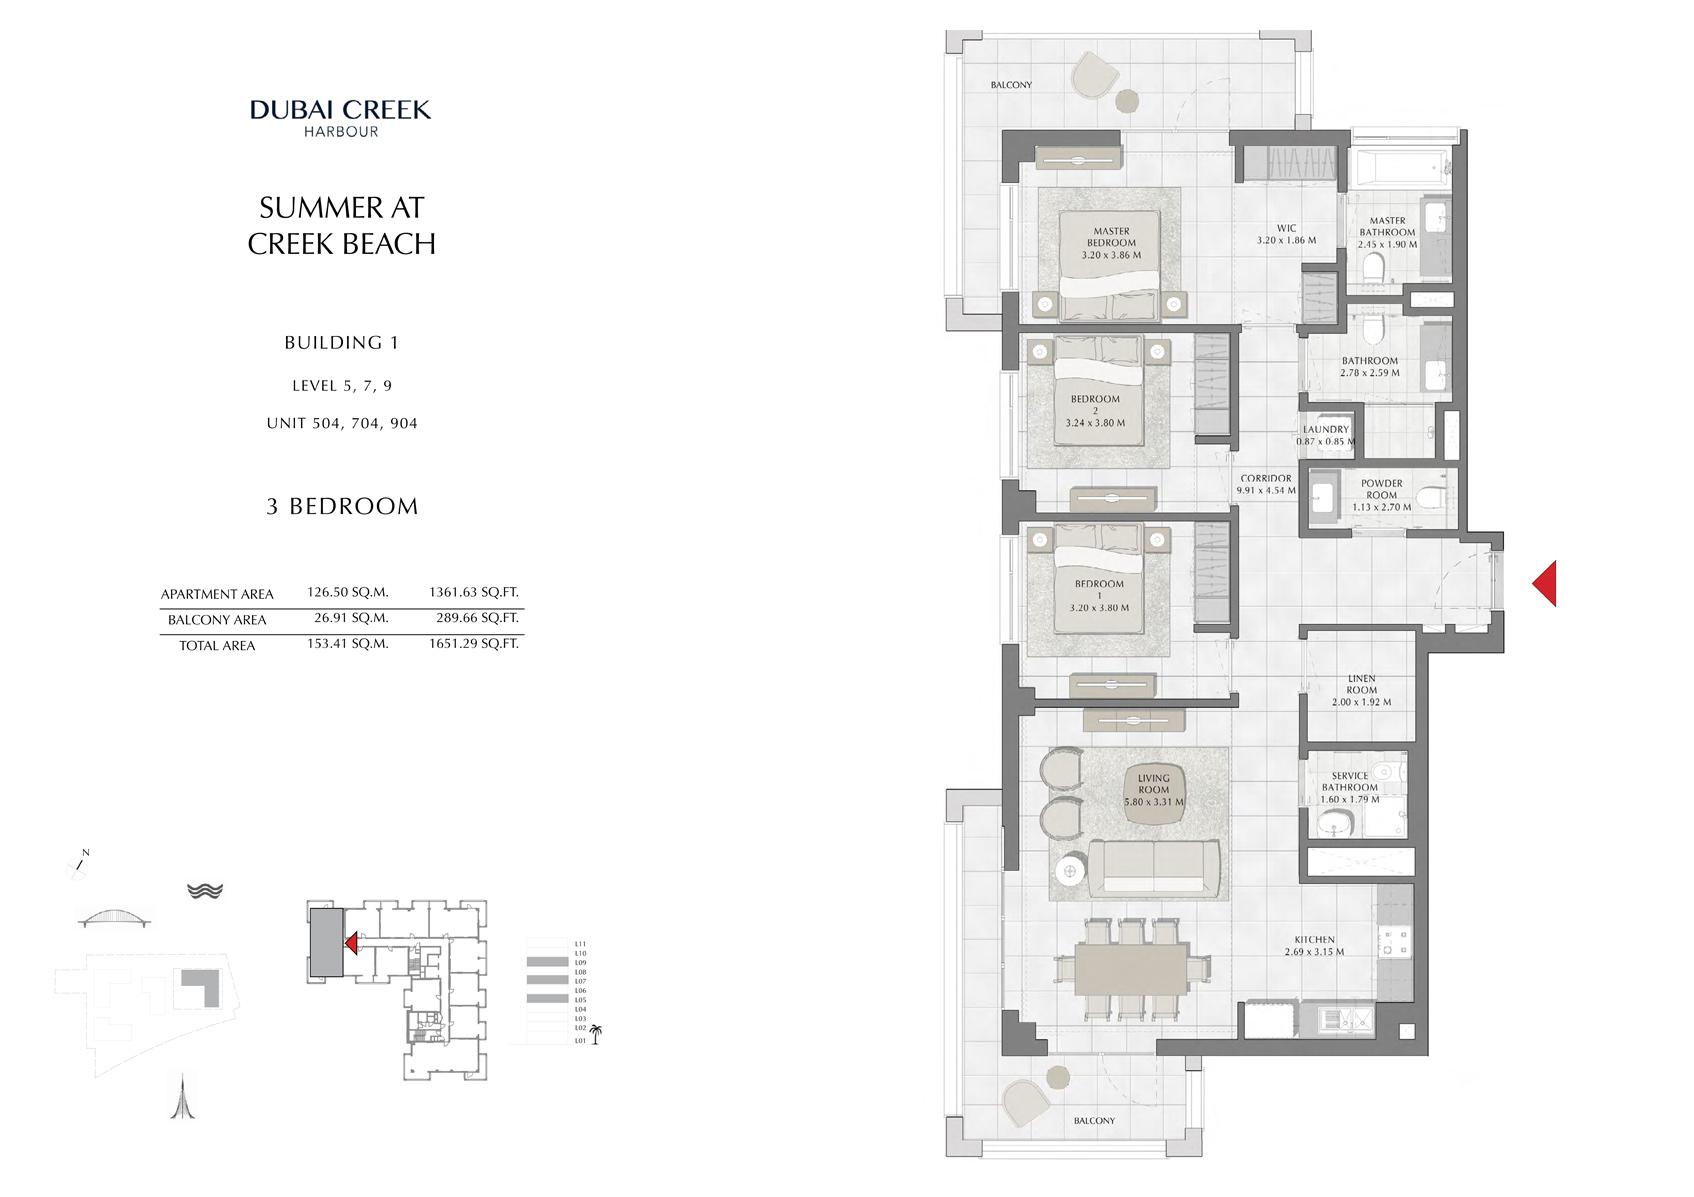 3 Br Building 1 Level-4-6-8-10 Unit 404-604-804-1004, Size 1651 Sq Ft